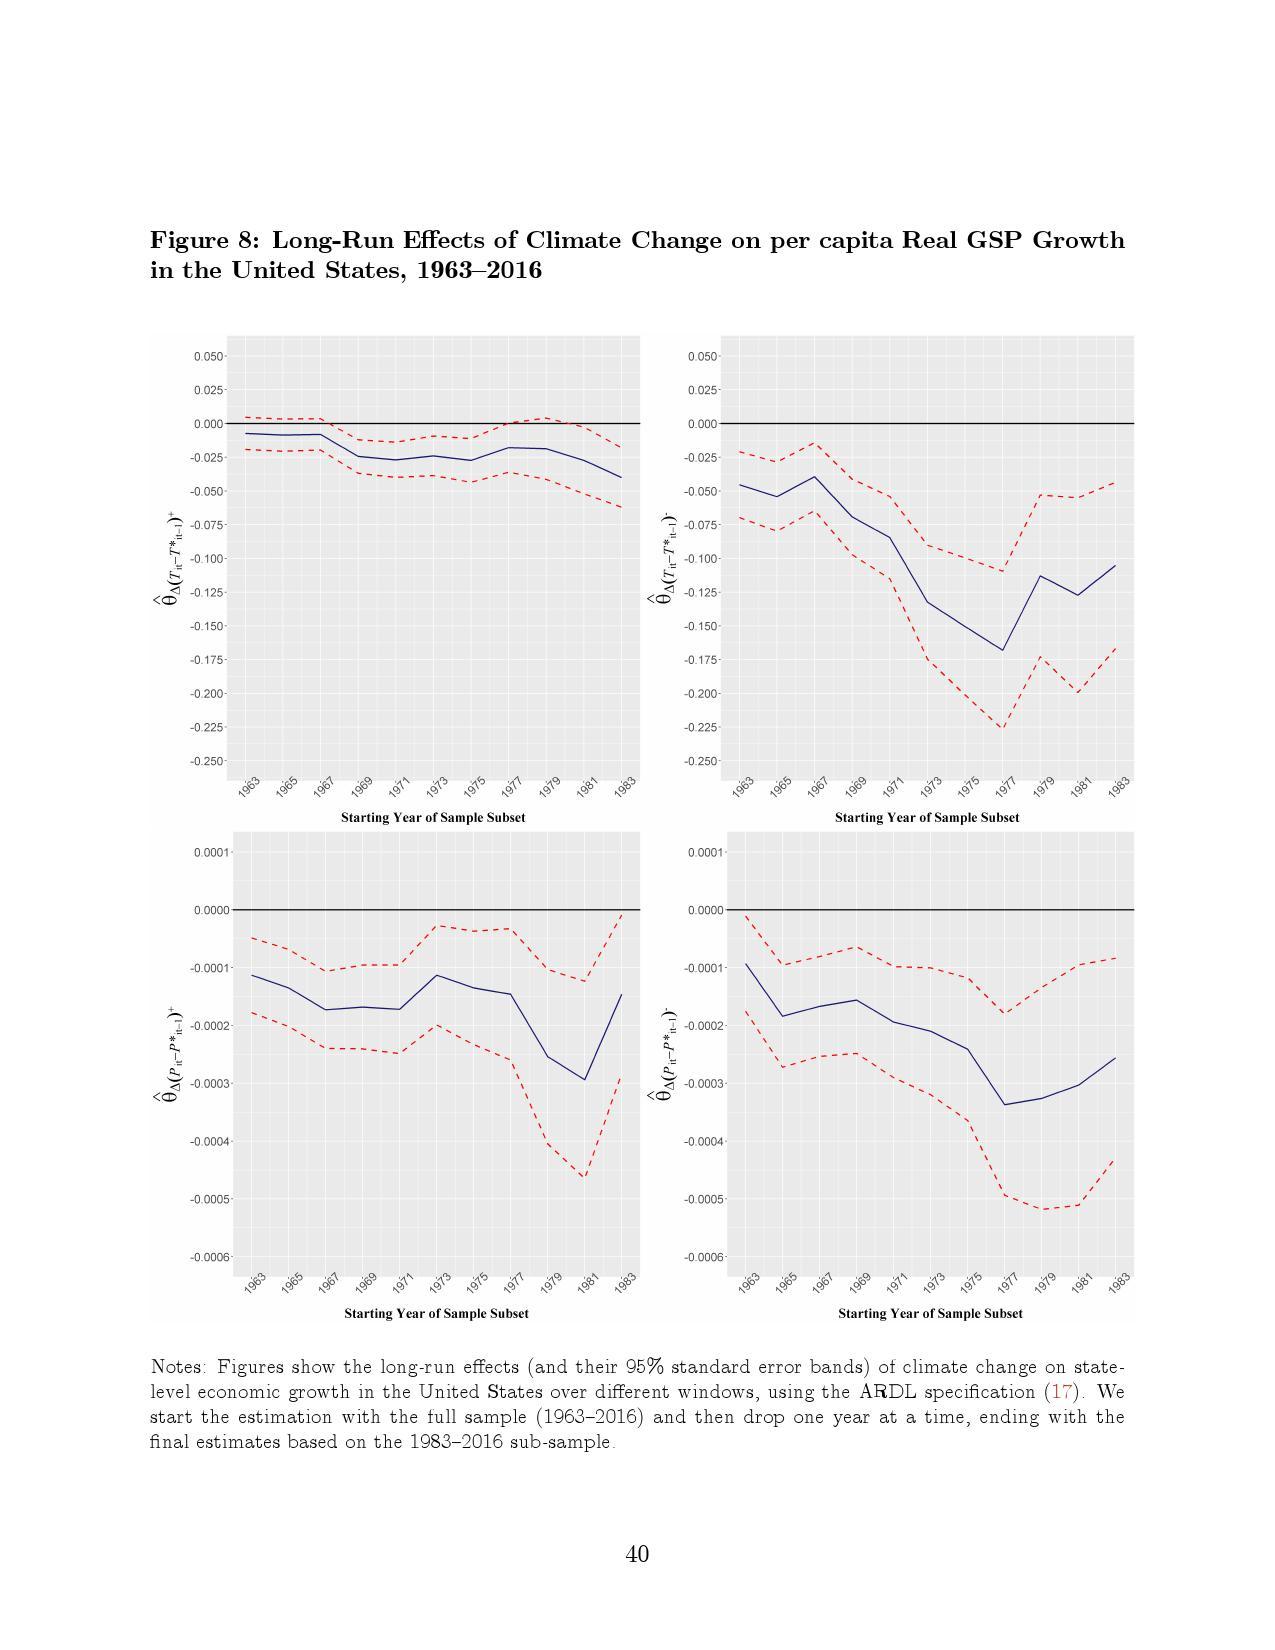 气候变化对宏观经济的长期影响:跨国分析